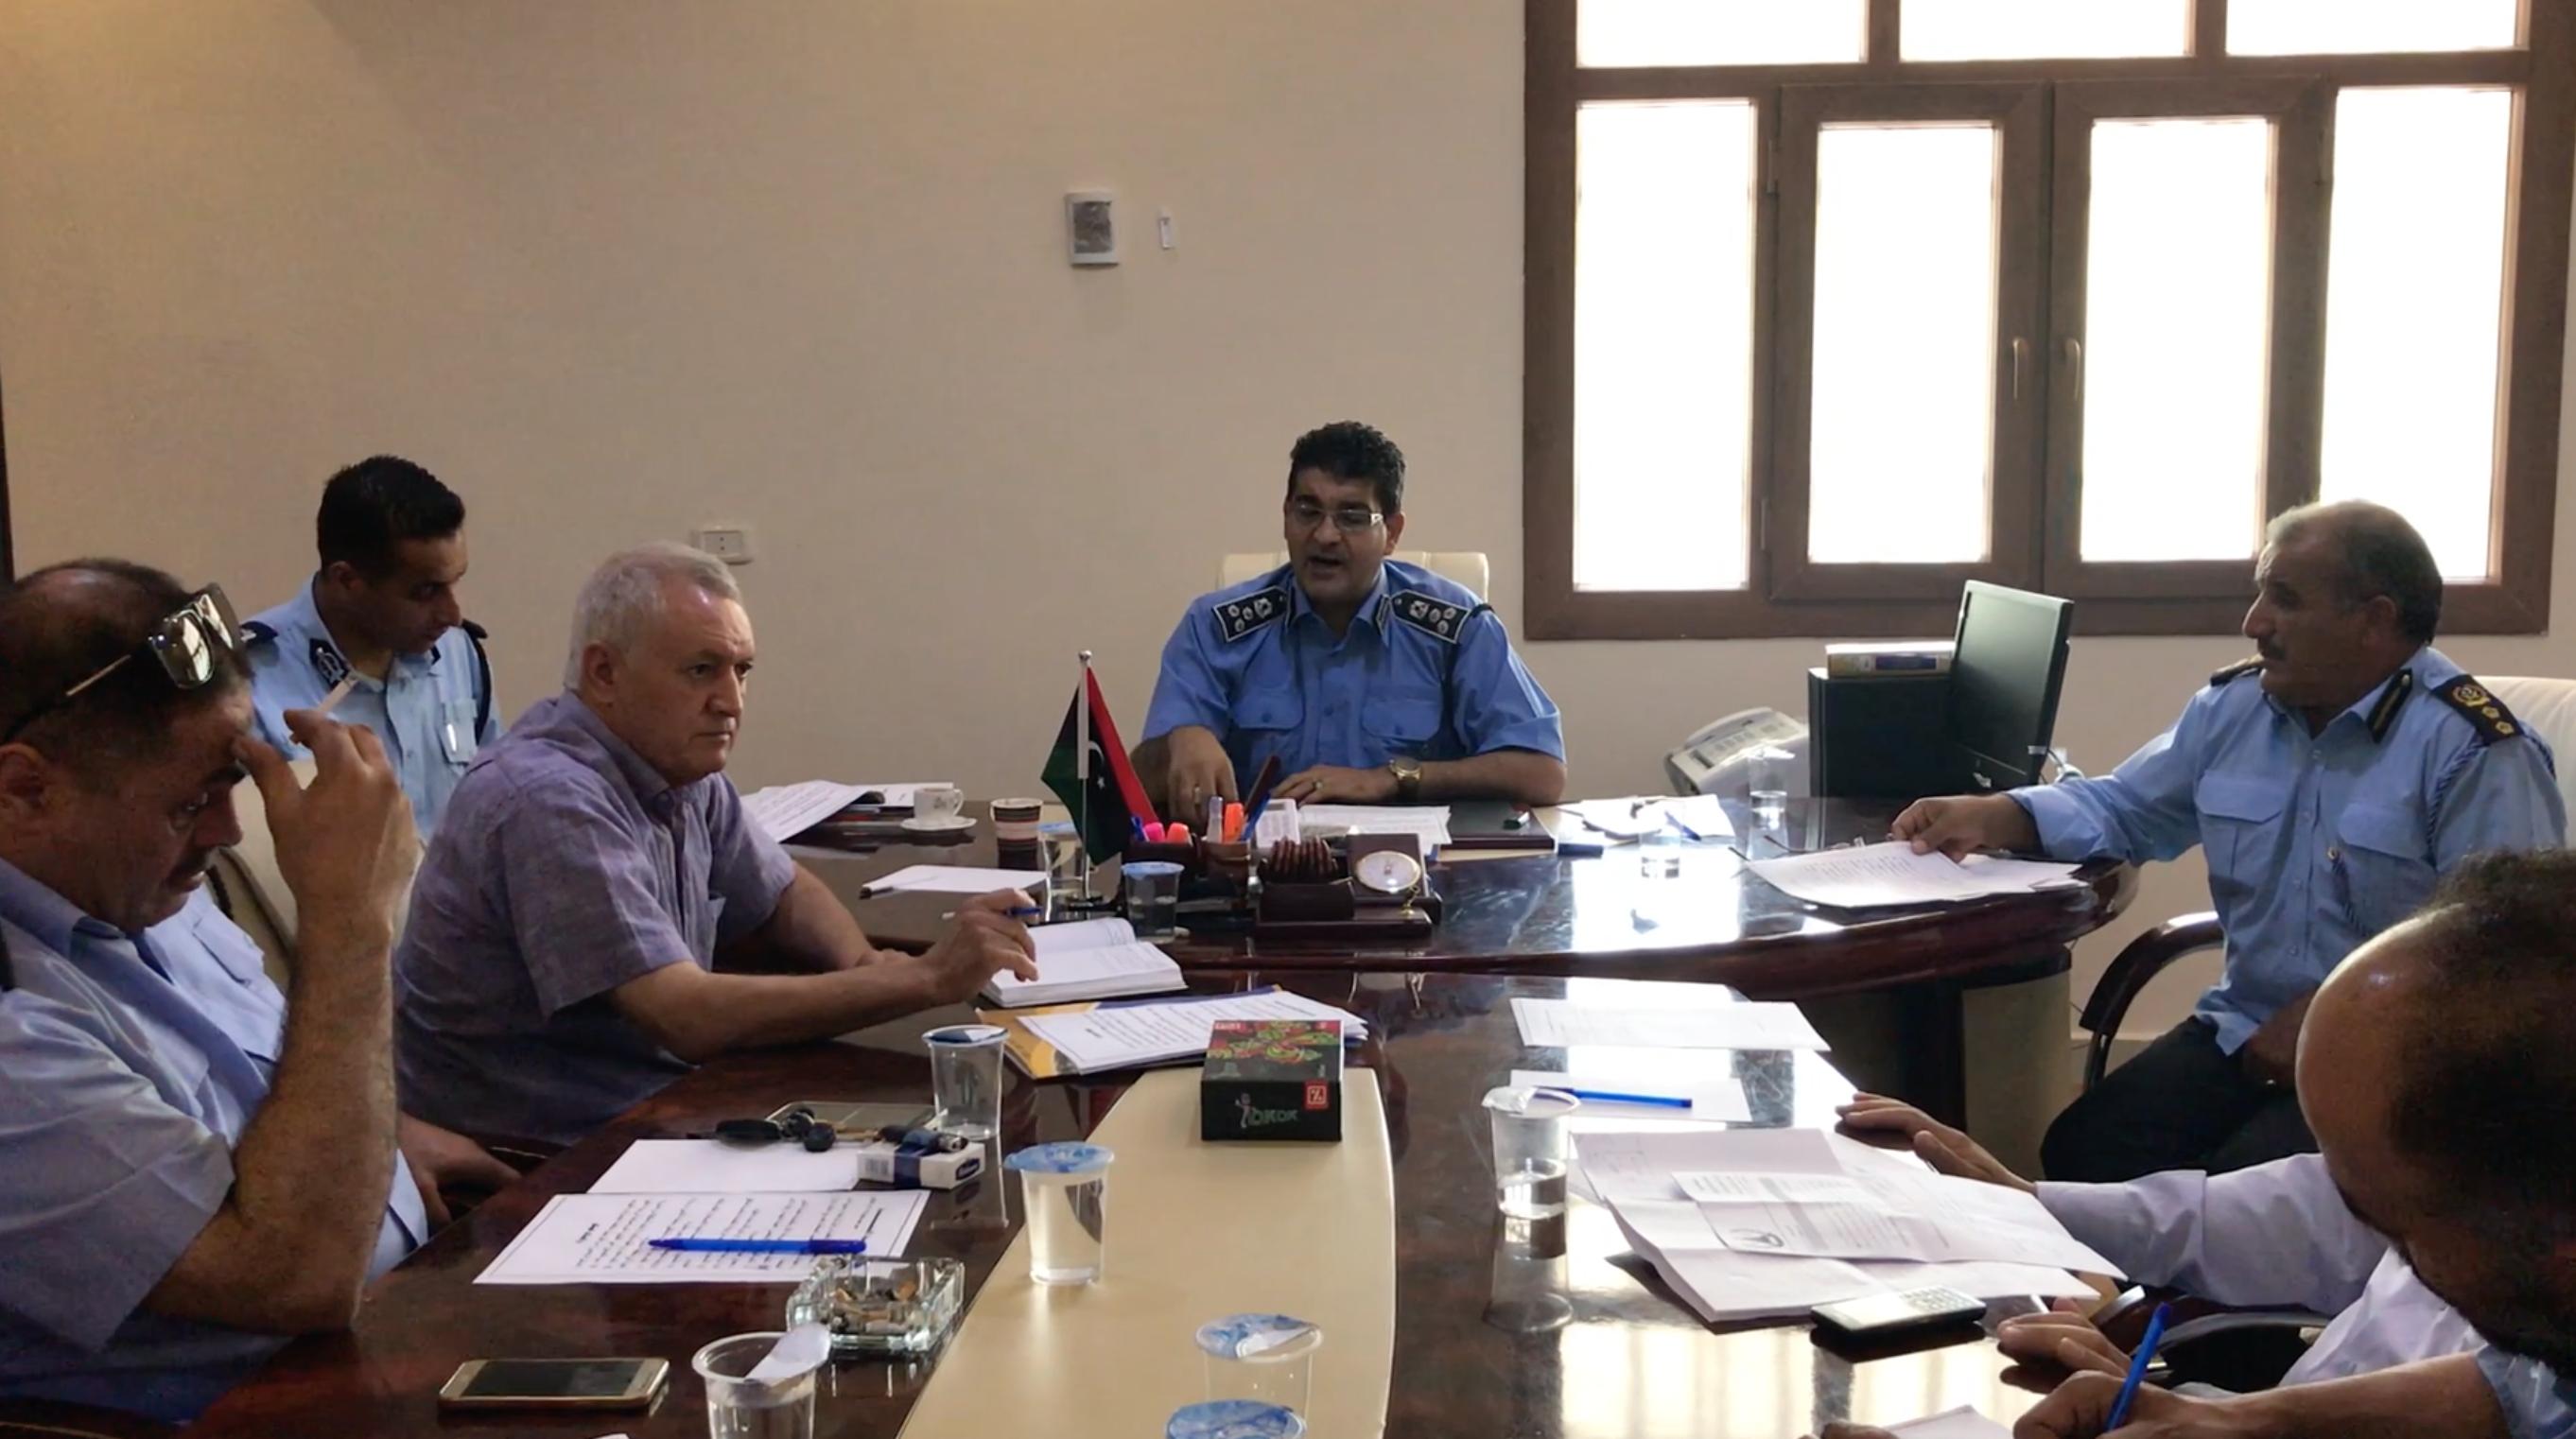 لجنة مكونة من ضباط بمديريات أمن غريان، والأصابعة، ومزدة، ونسمة، والشقيقة